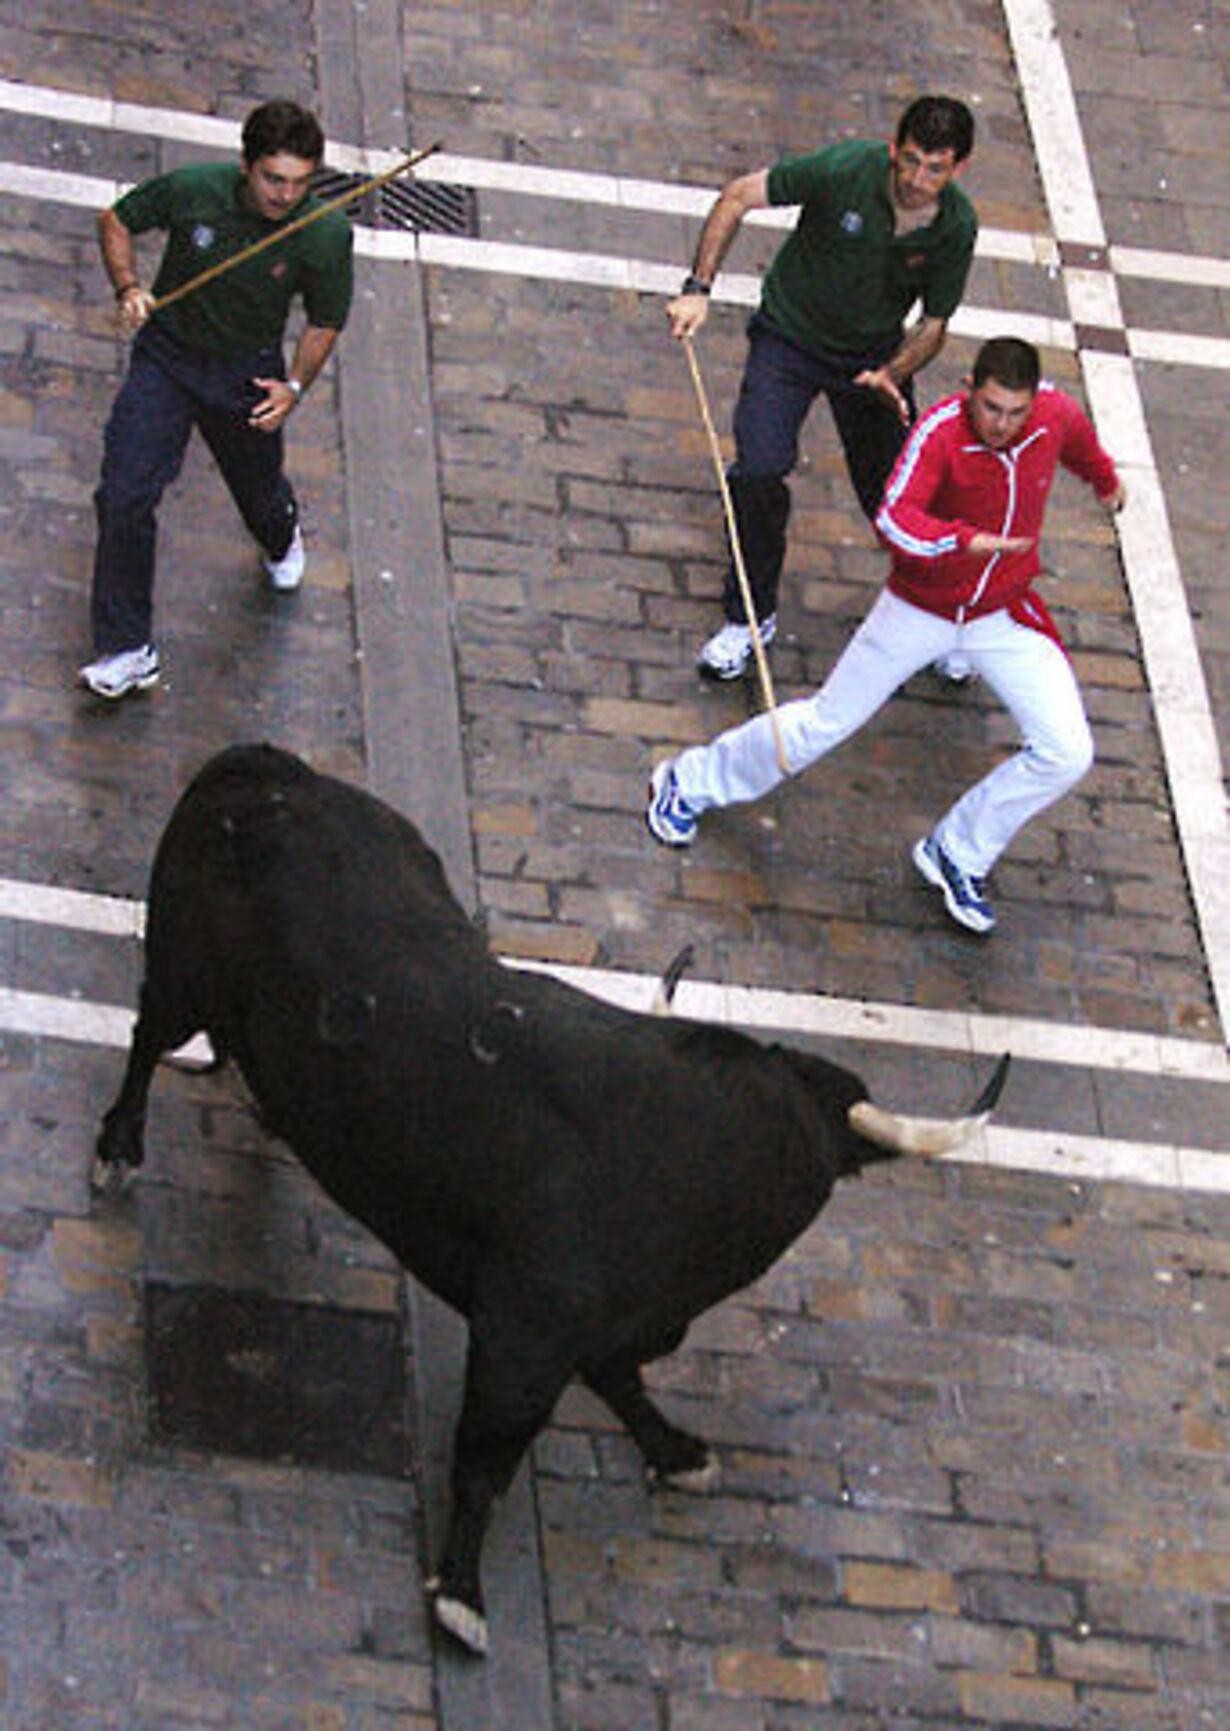 Dramatisk tyreløb i Pamplona - 7